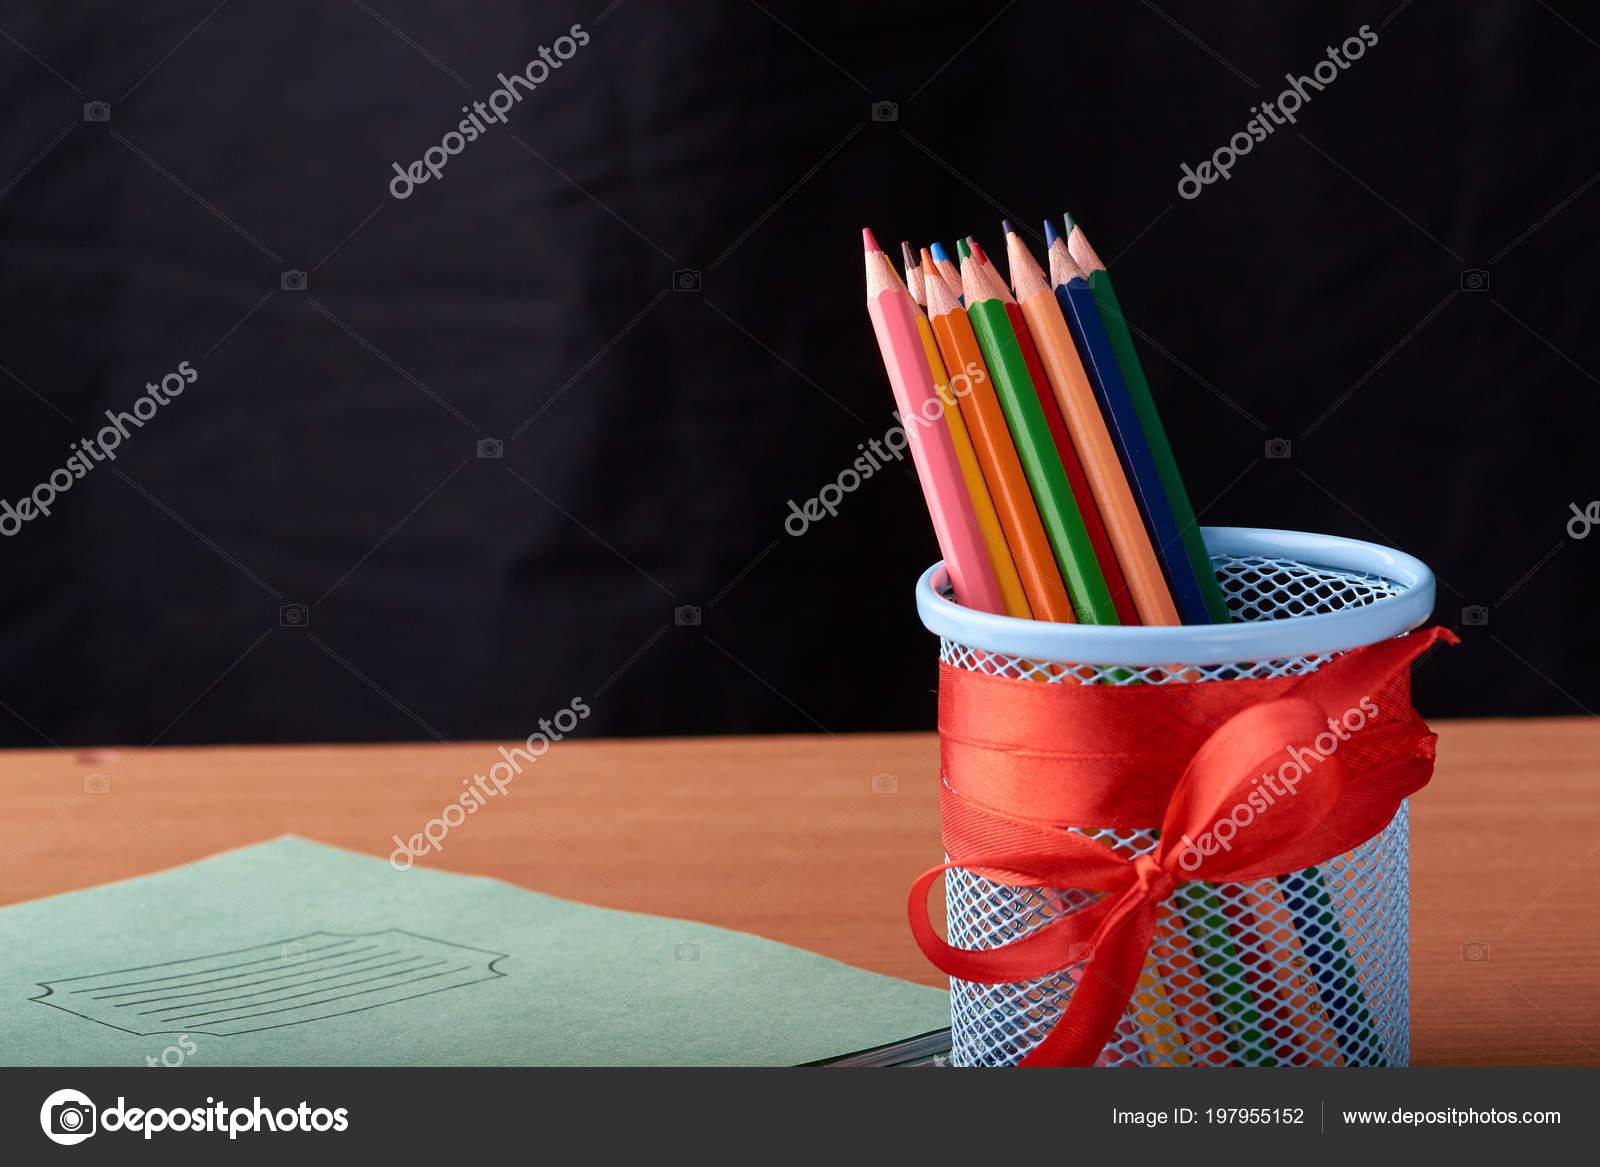 Fournitures scolaires bureau sur table salle classe avec gros